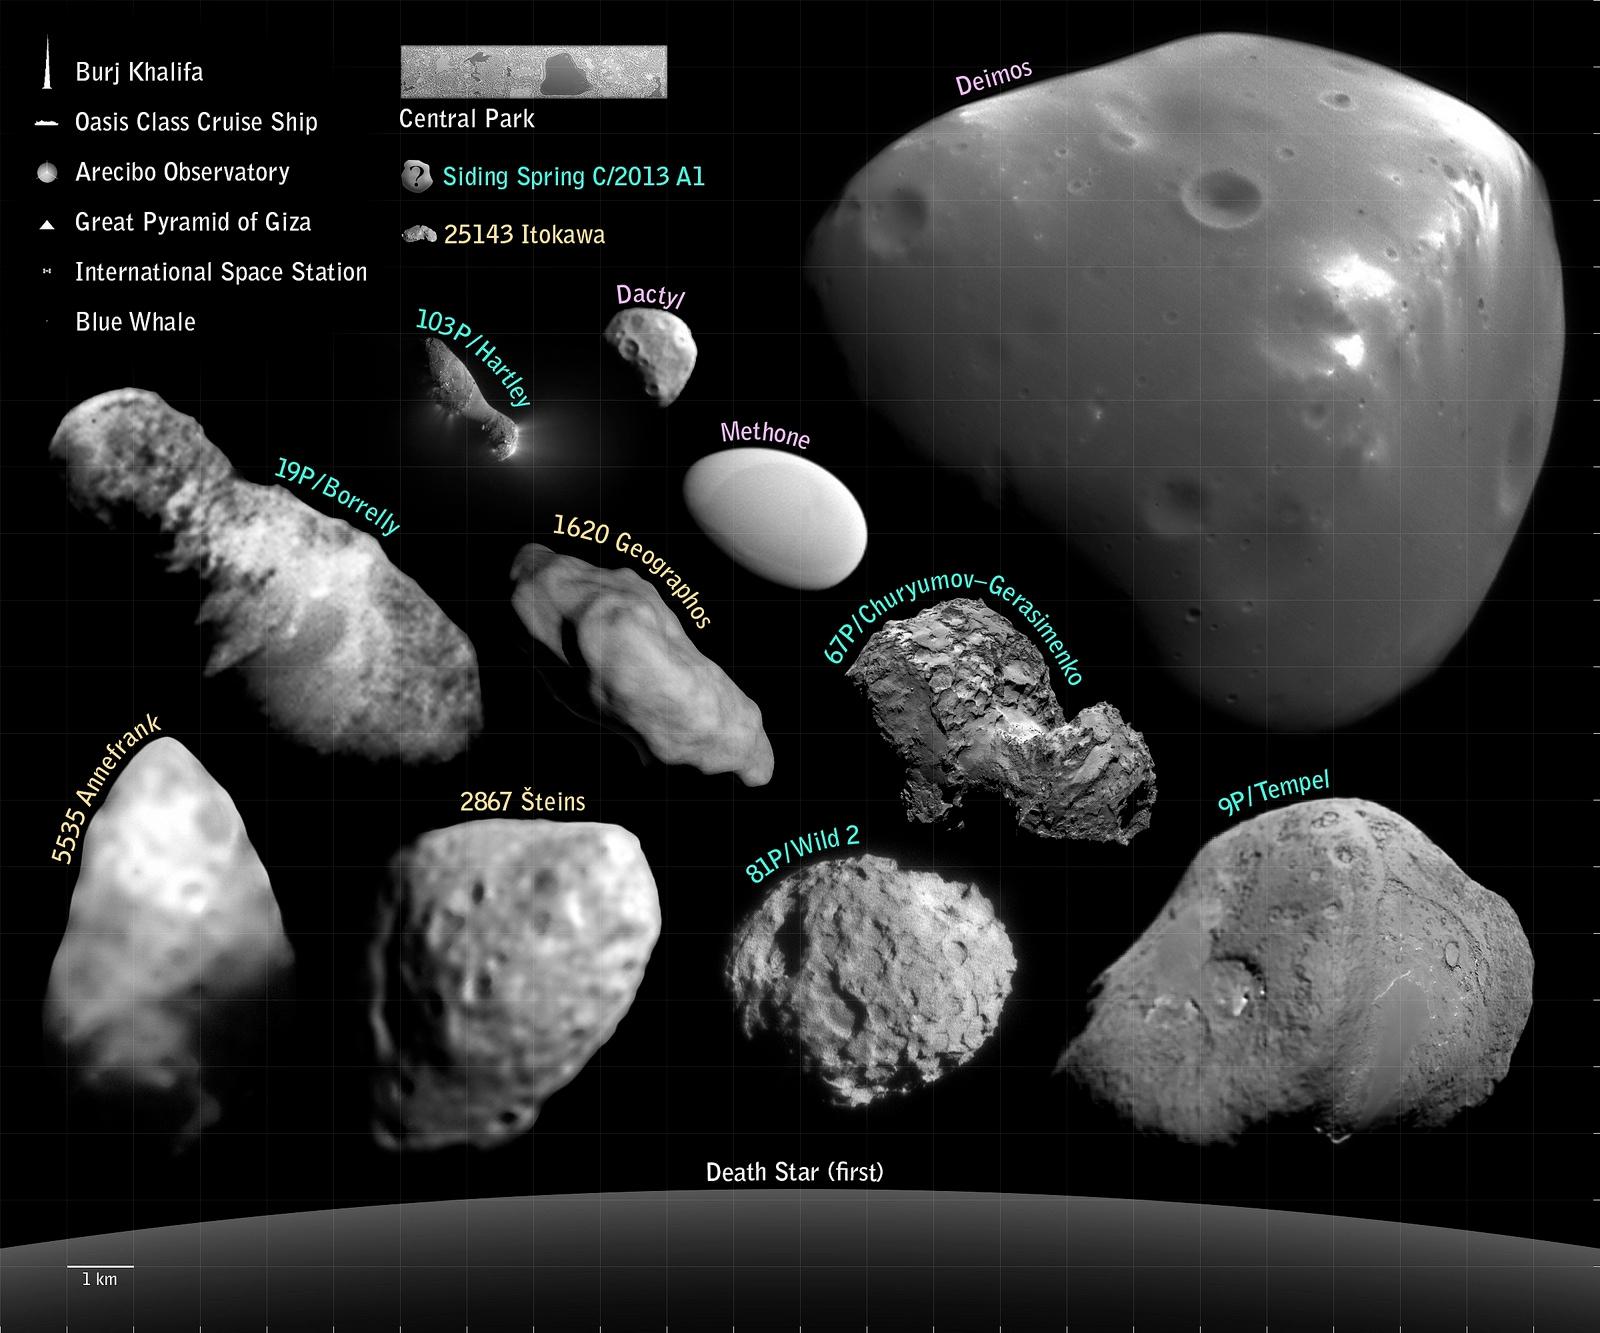 Le misure della cometa di Rosetta in confronto a strutture ...